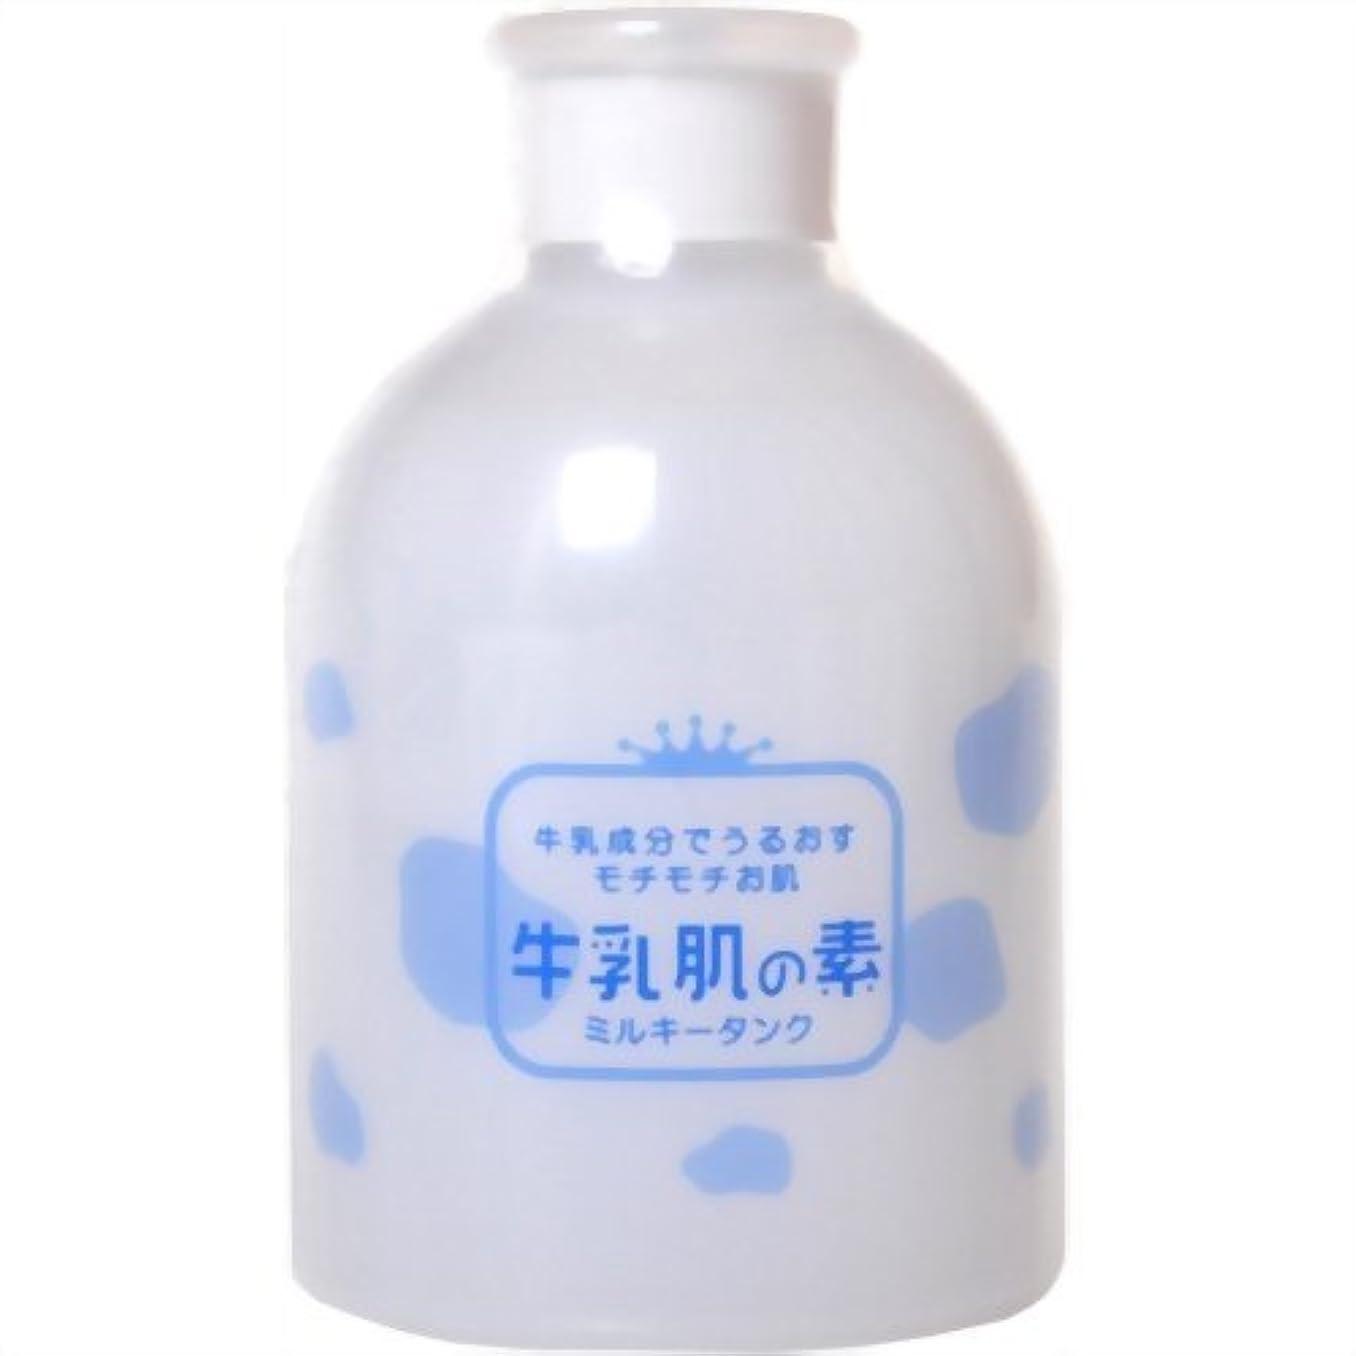 リーガンクラウドたるみ牛乳肌の素 ミルキータンク(化粧水) 300ml